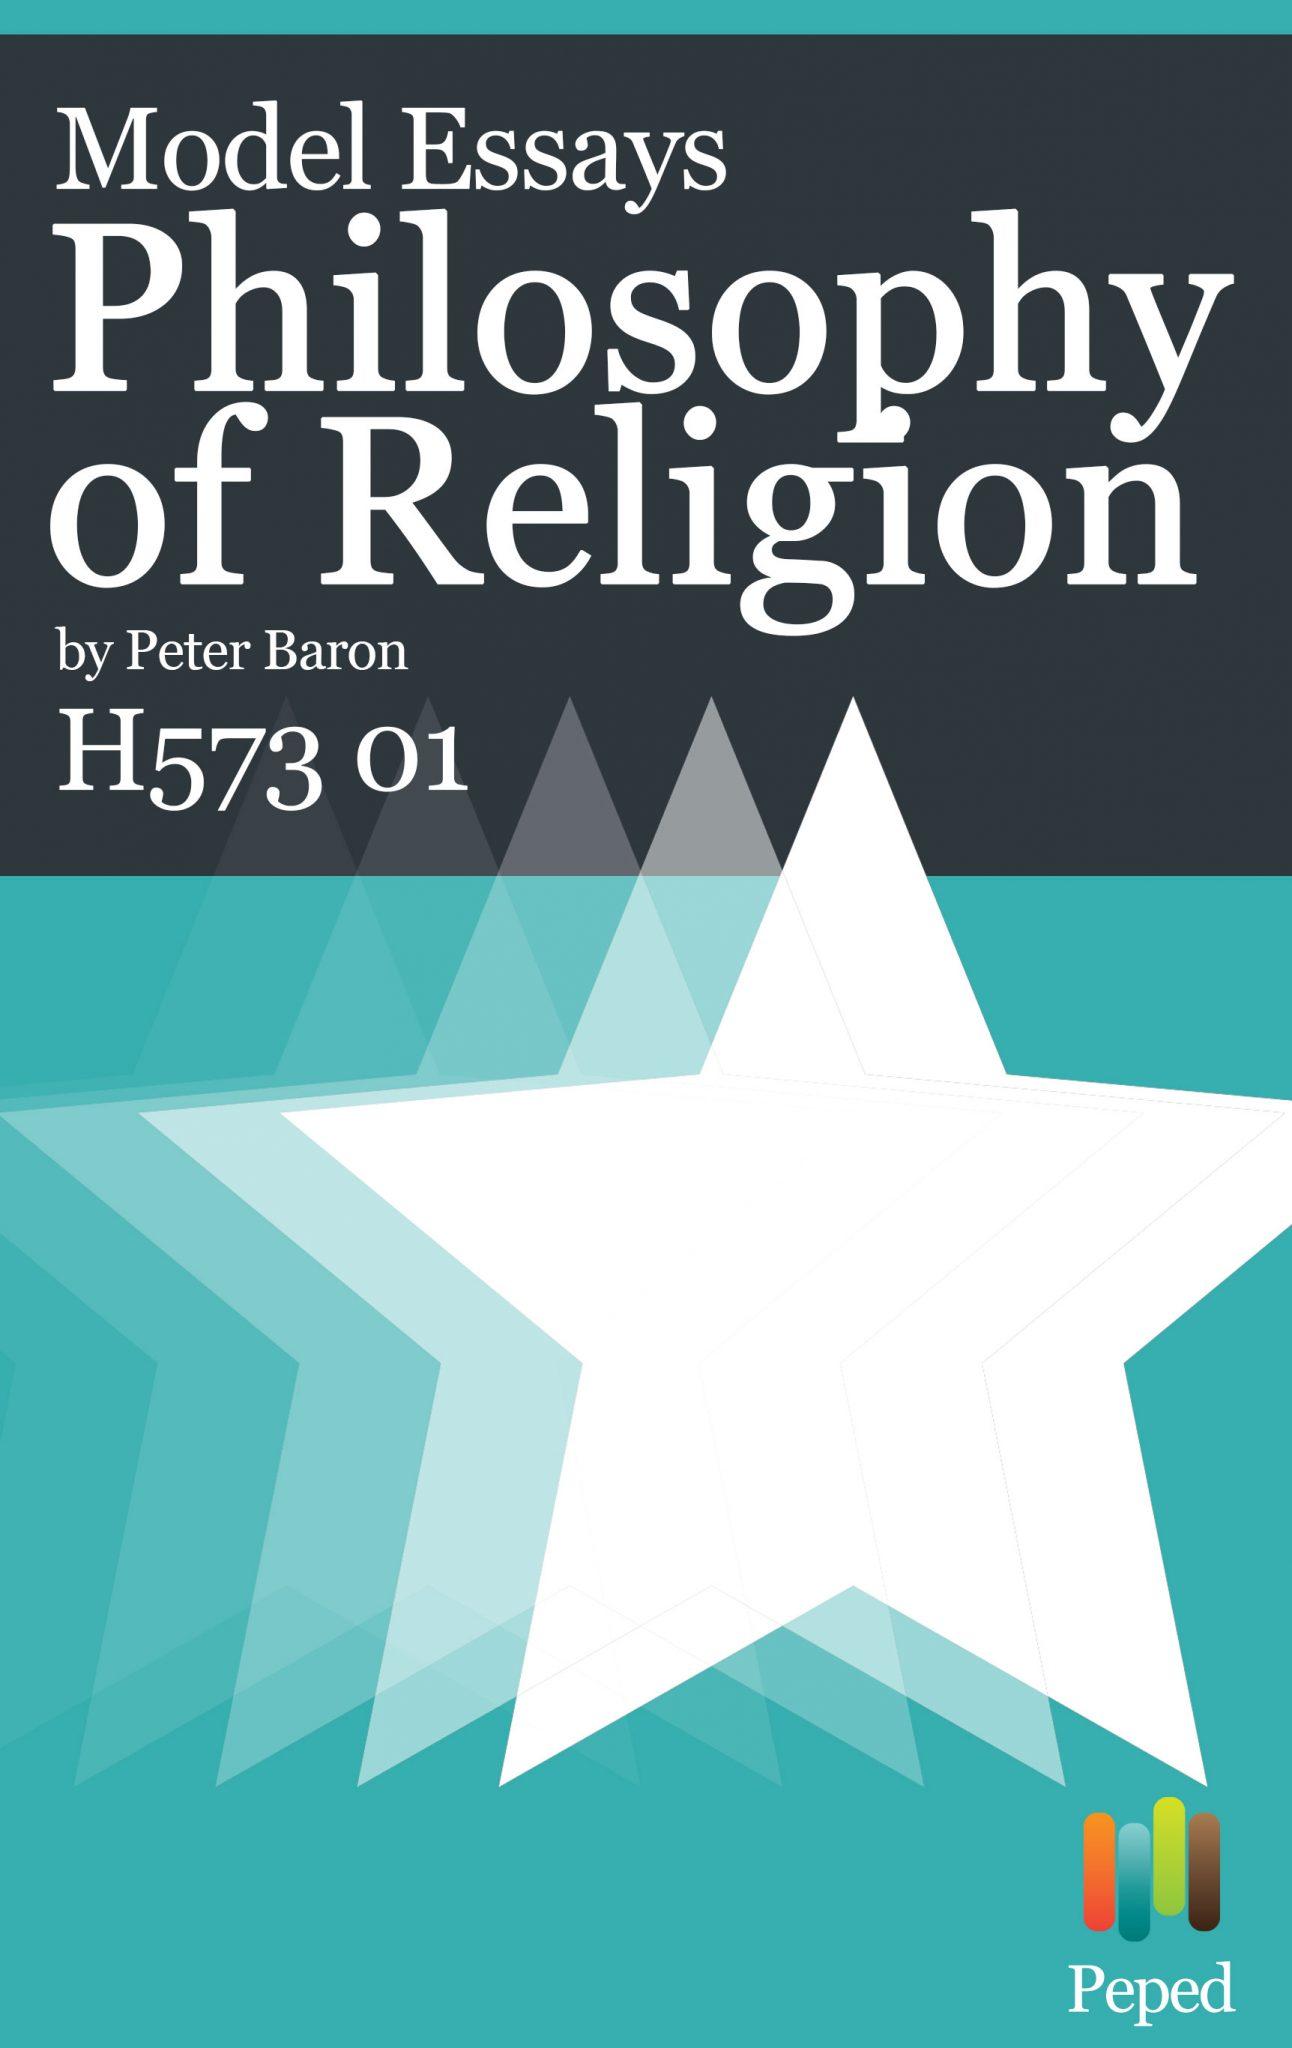 philosophy of religion pdf